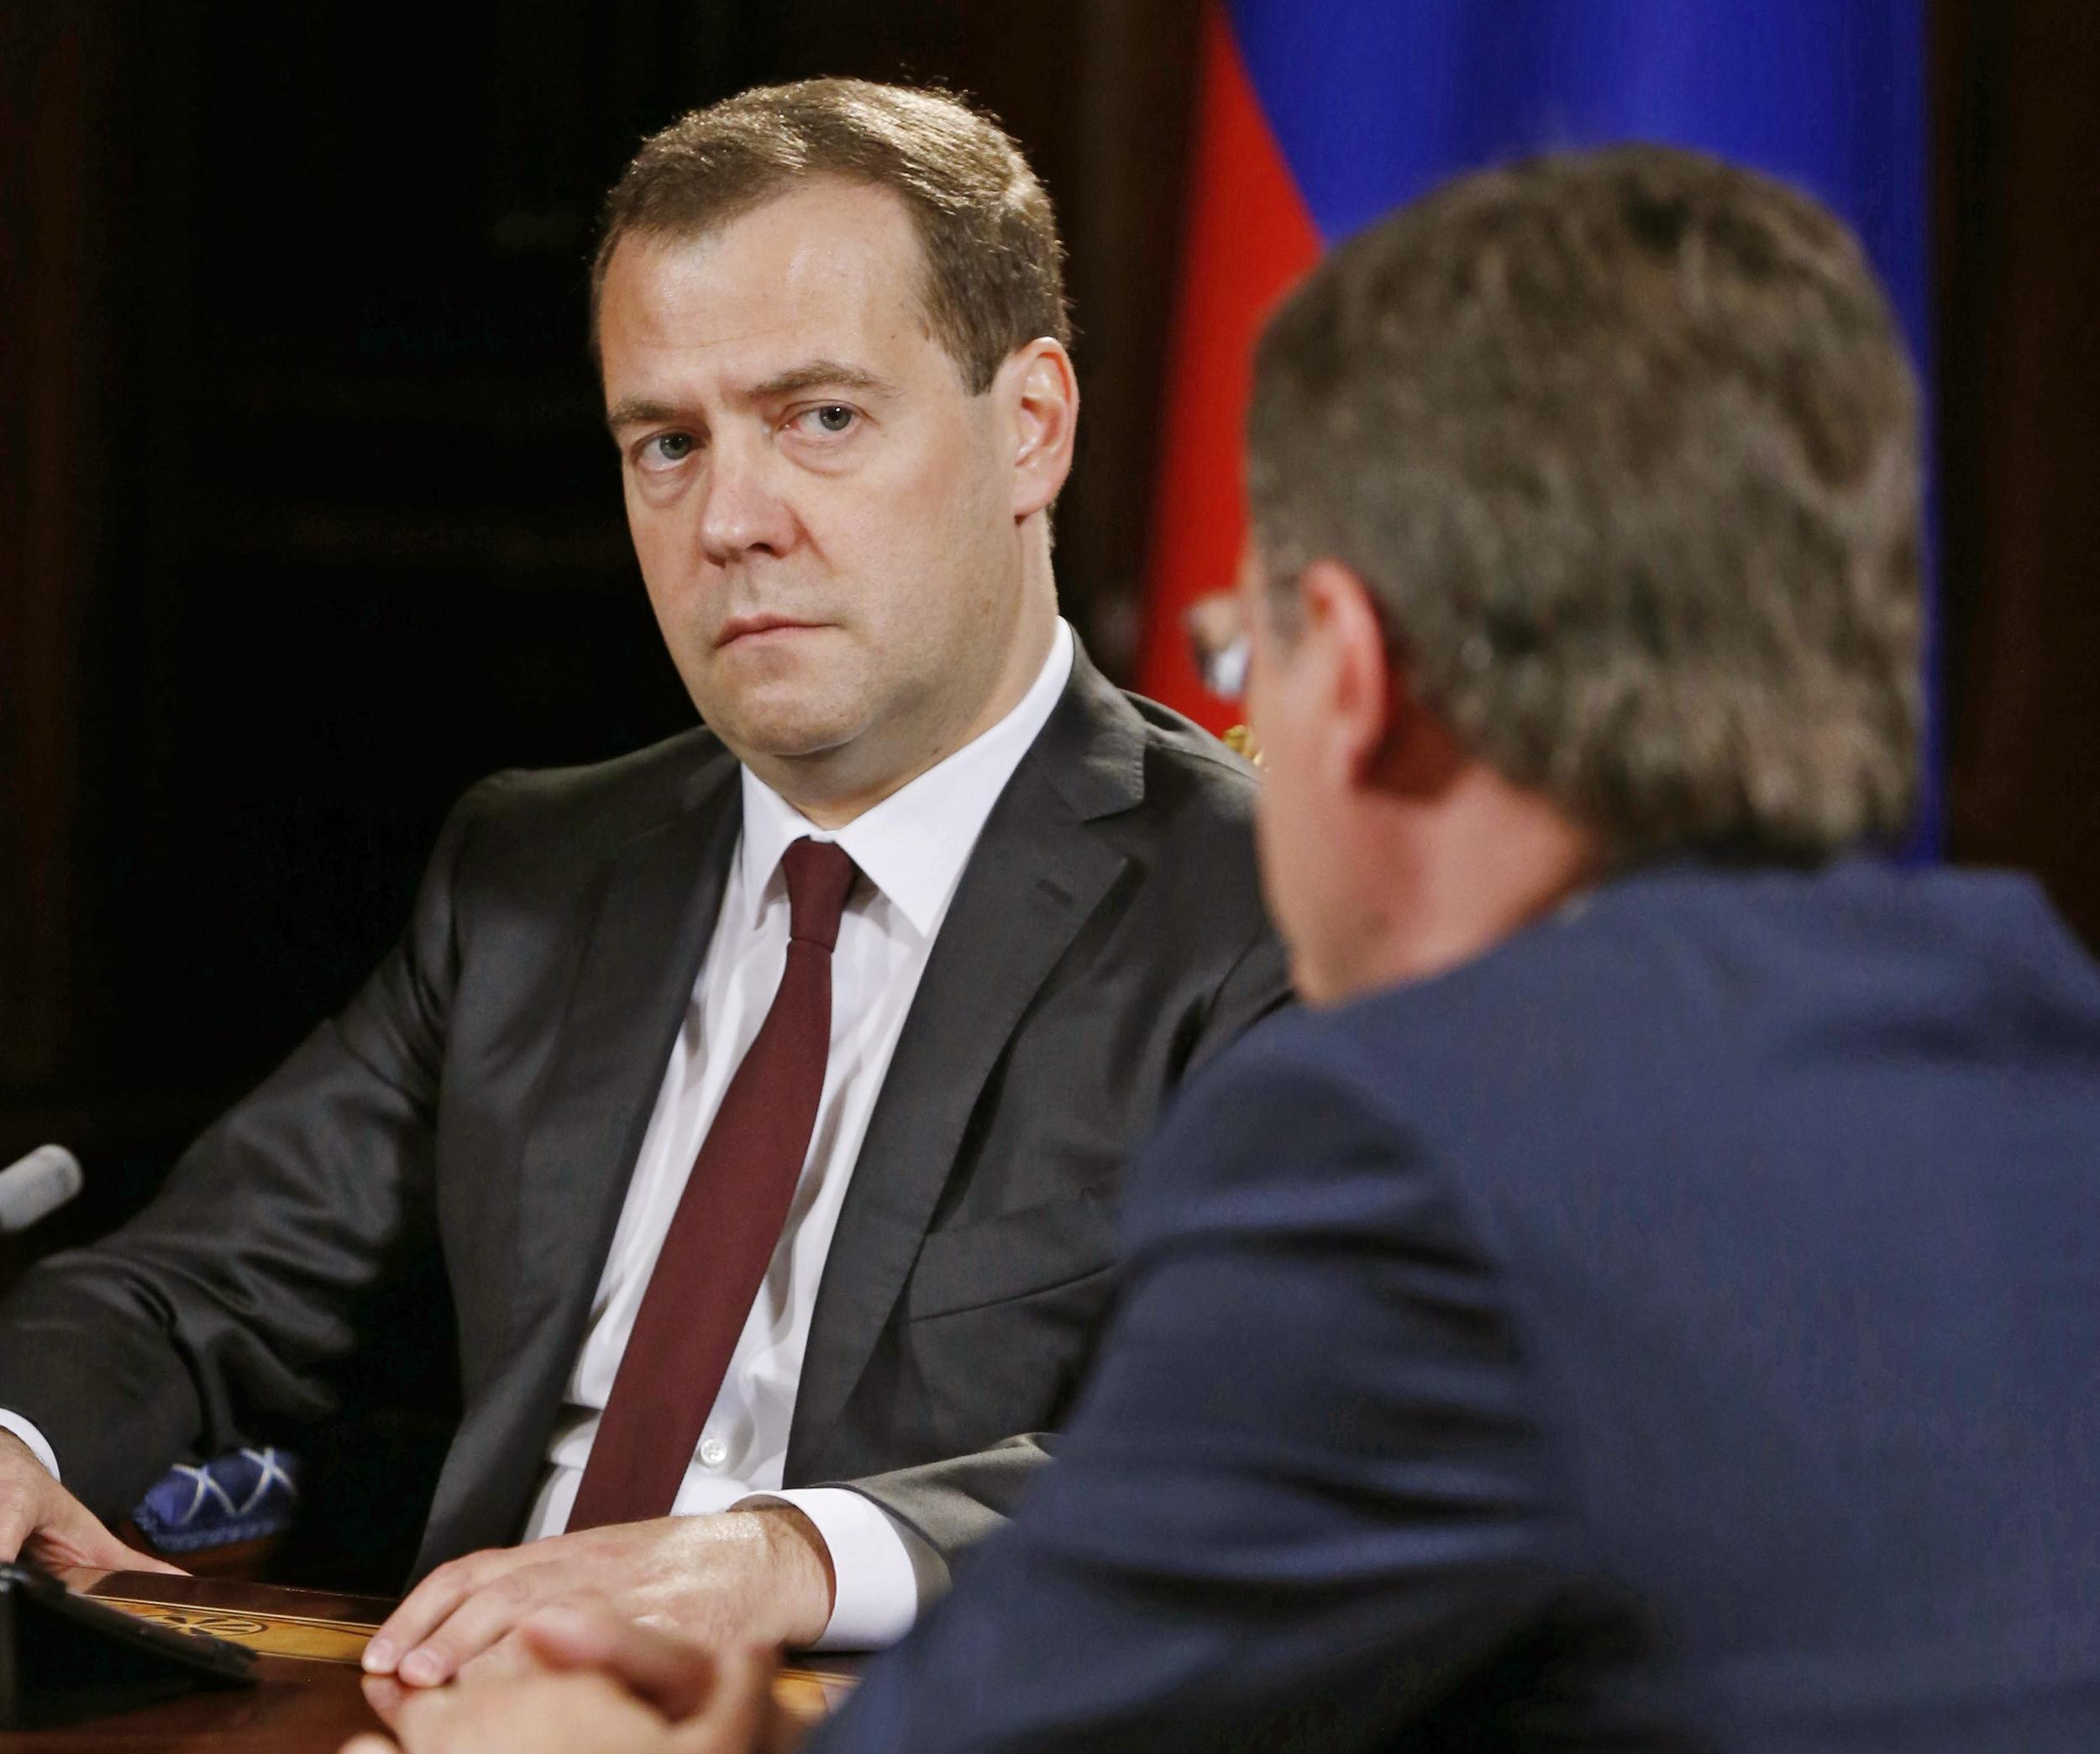 Image: Russian Prime Minister Dmitry Medvedev